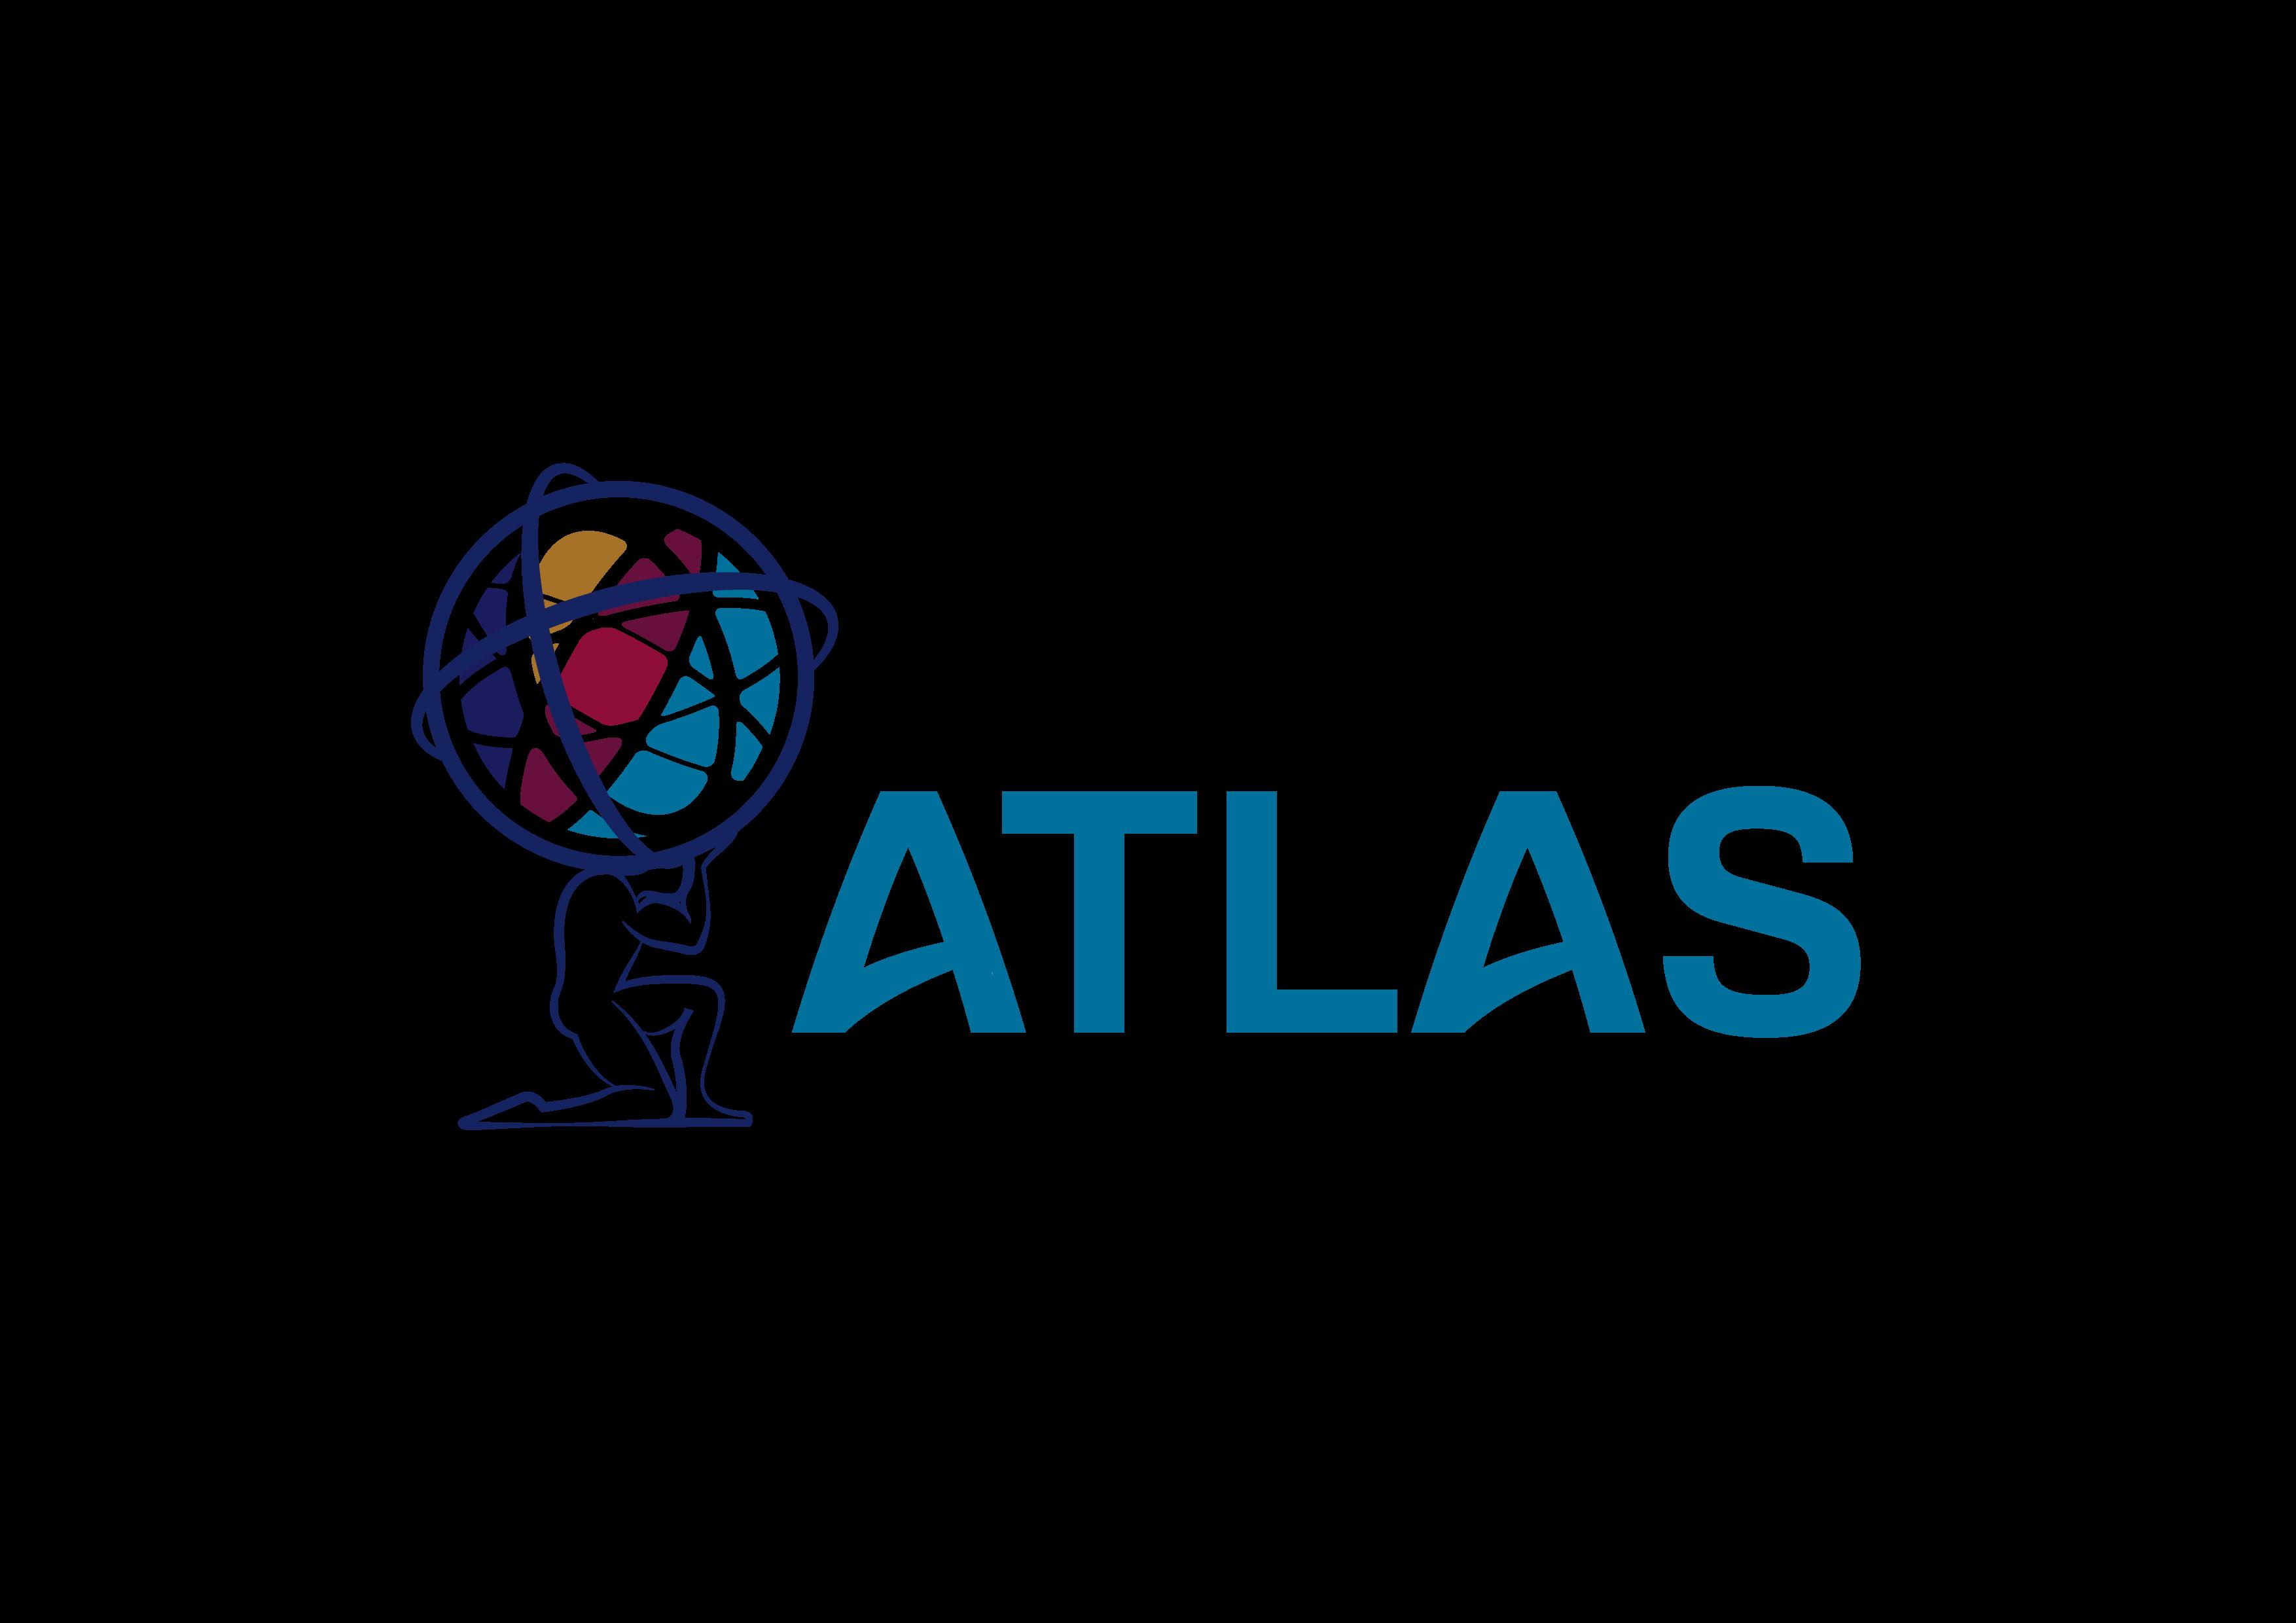 Atlas Creative Consultancy